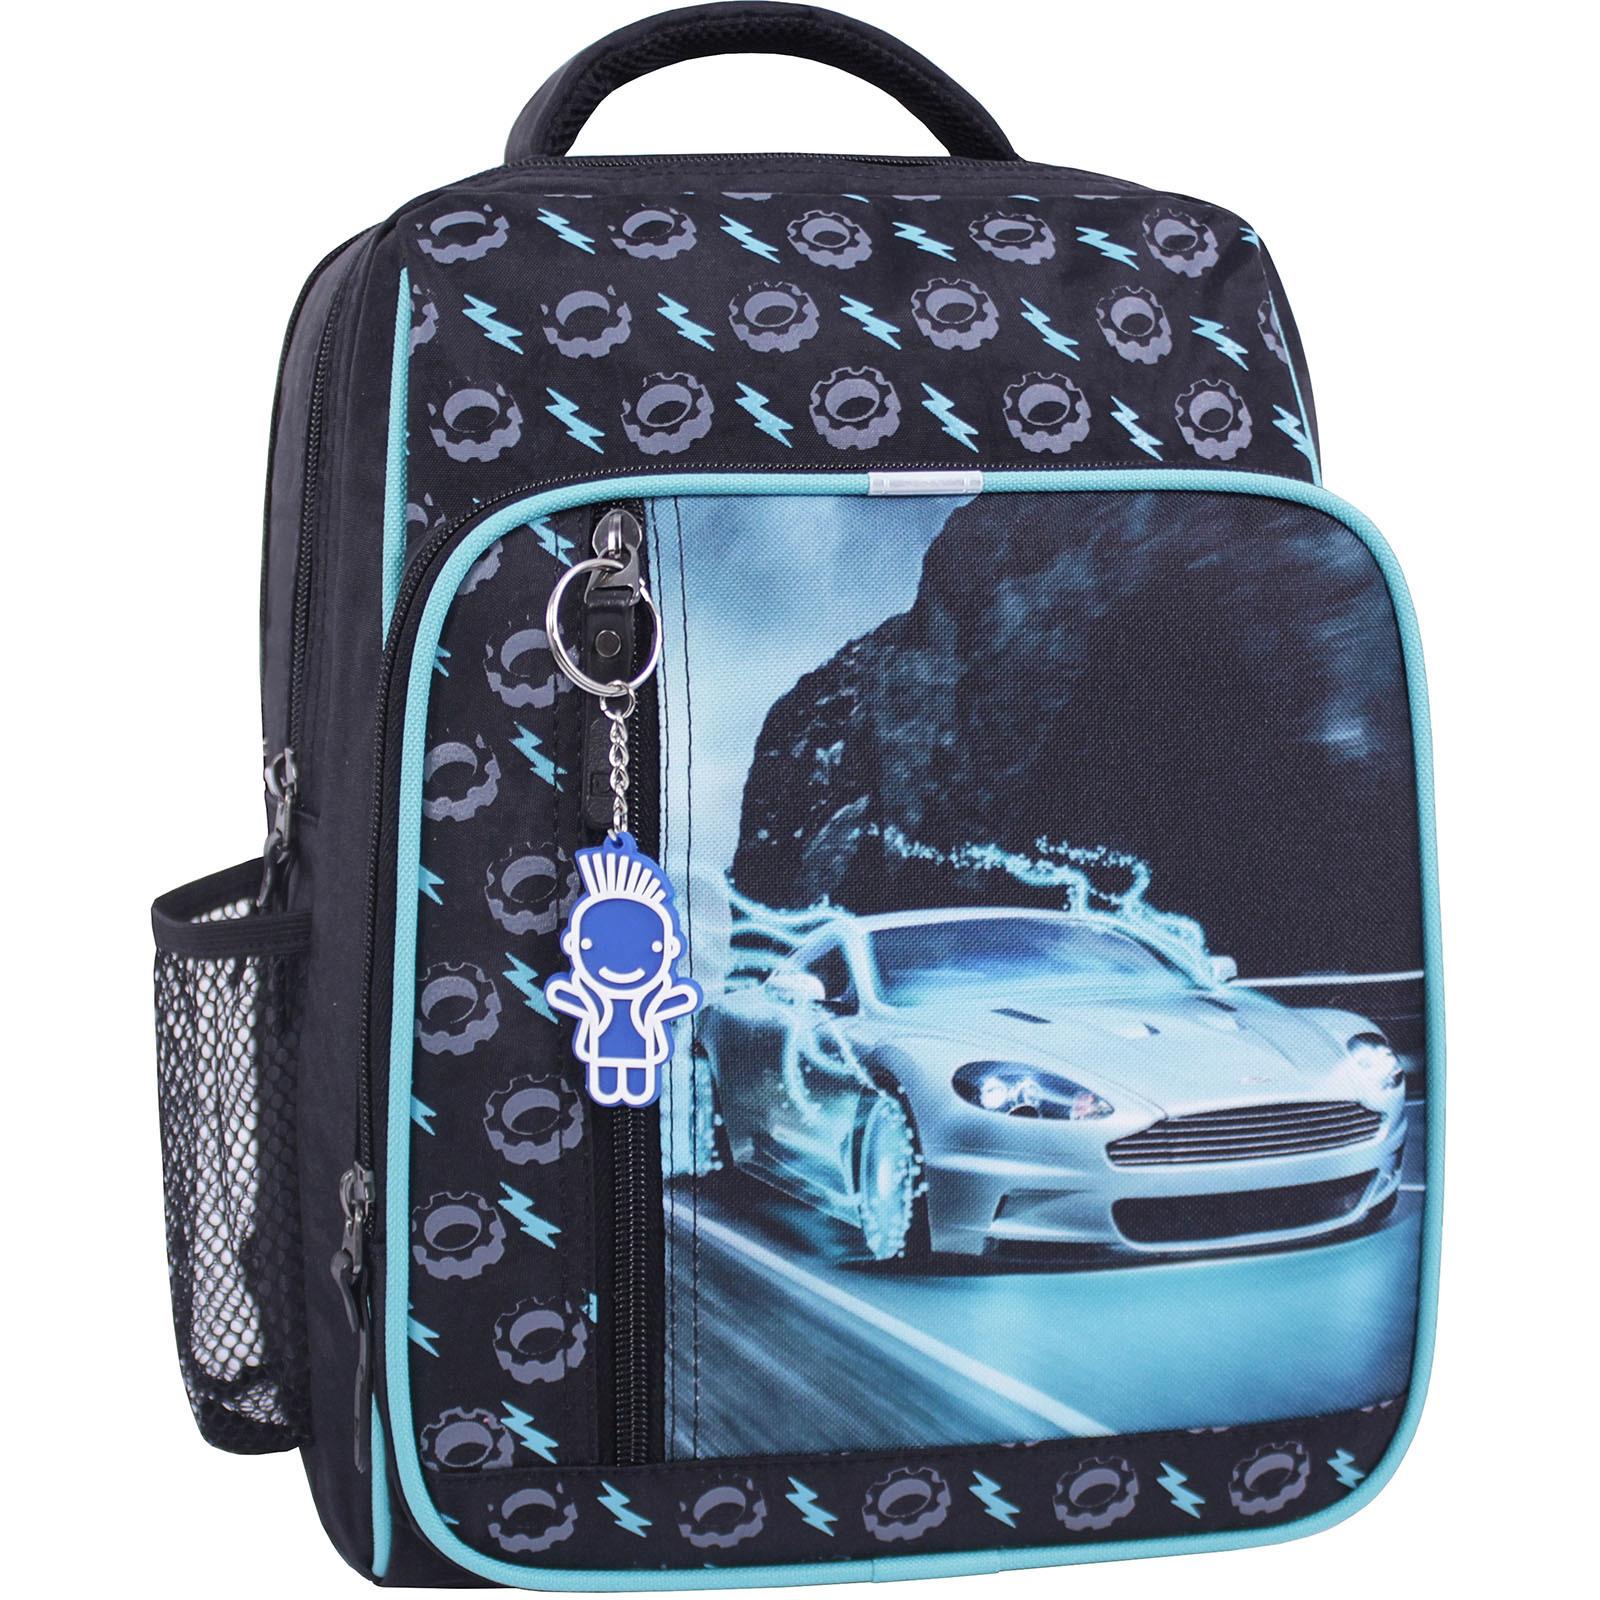 Детские рюкзаки Рюкзак школьный Bagland Школьник 8 л. Черный 558 (0012870) IMG_1101_суб.419_.JPG